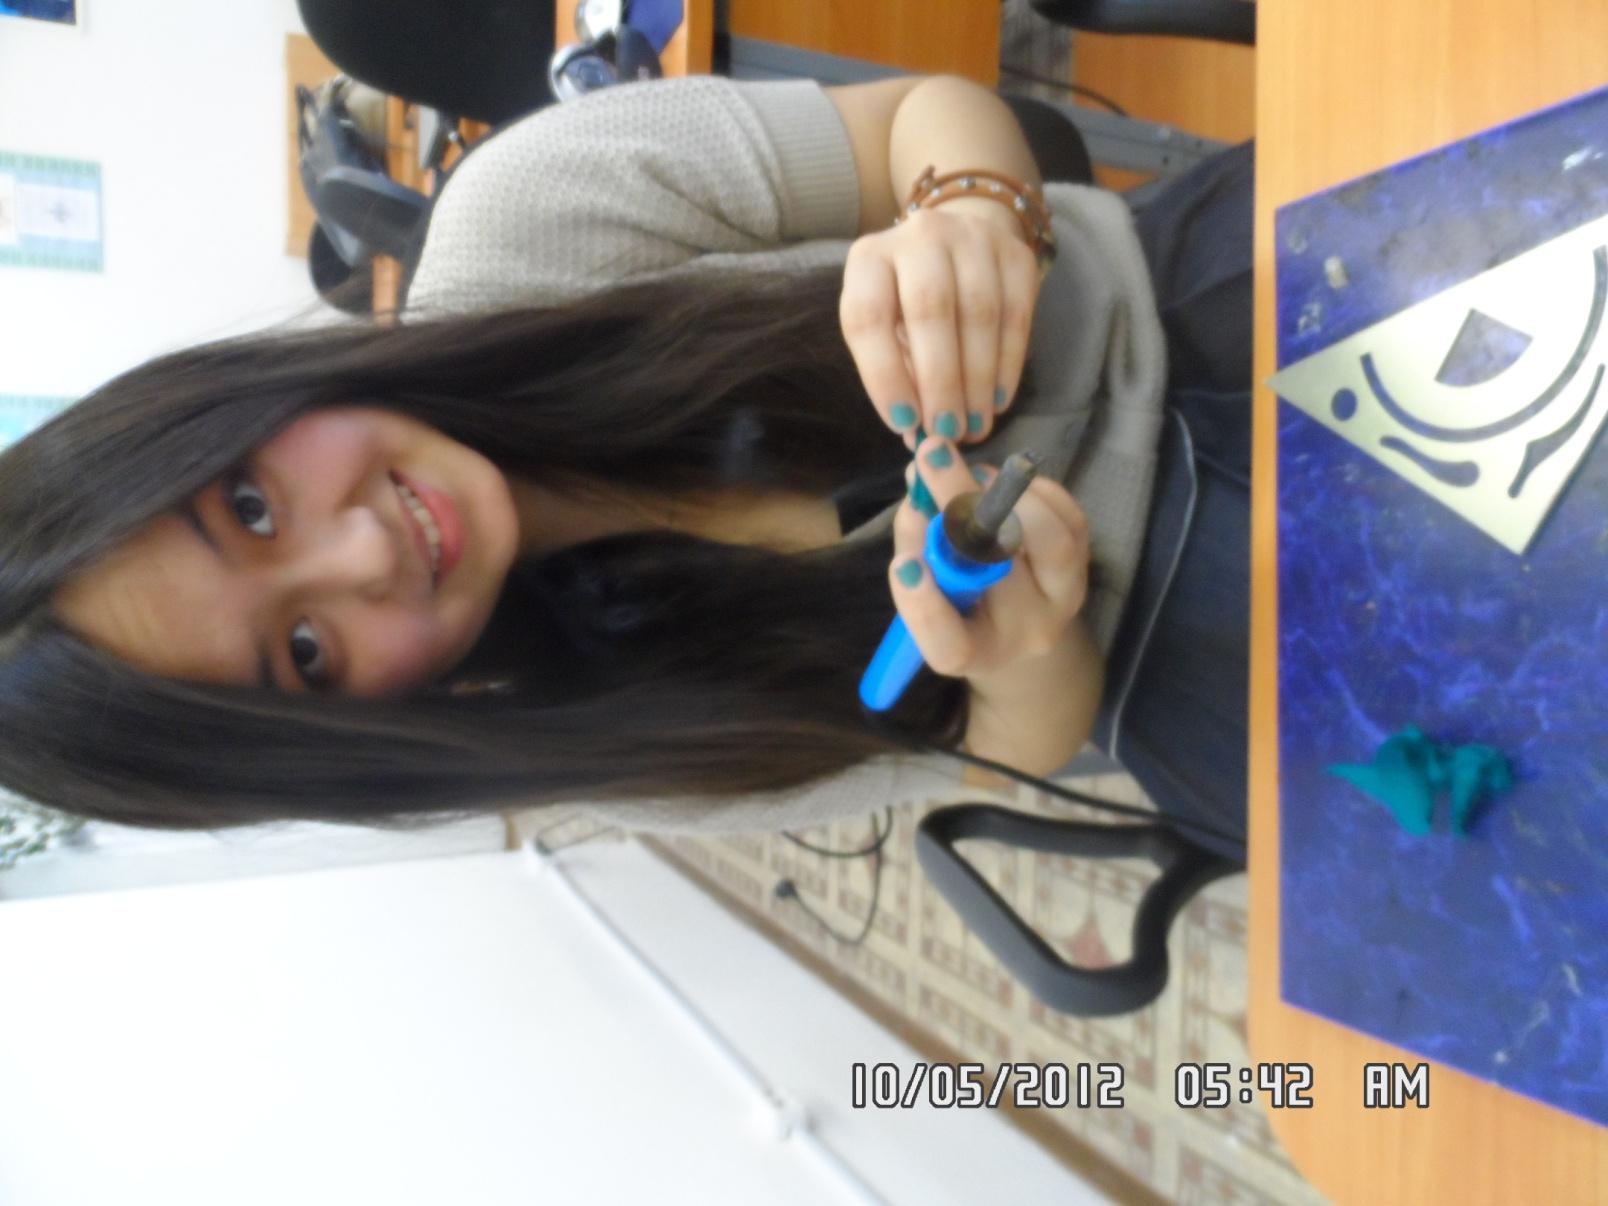 G:\DCIM\100PHOTO\SAM_0386.JPG